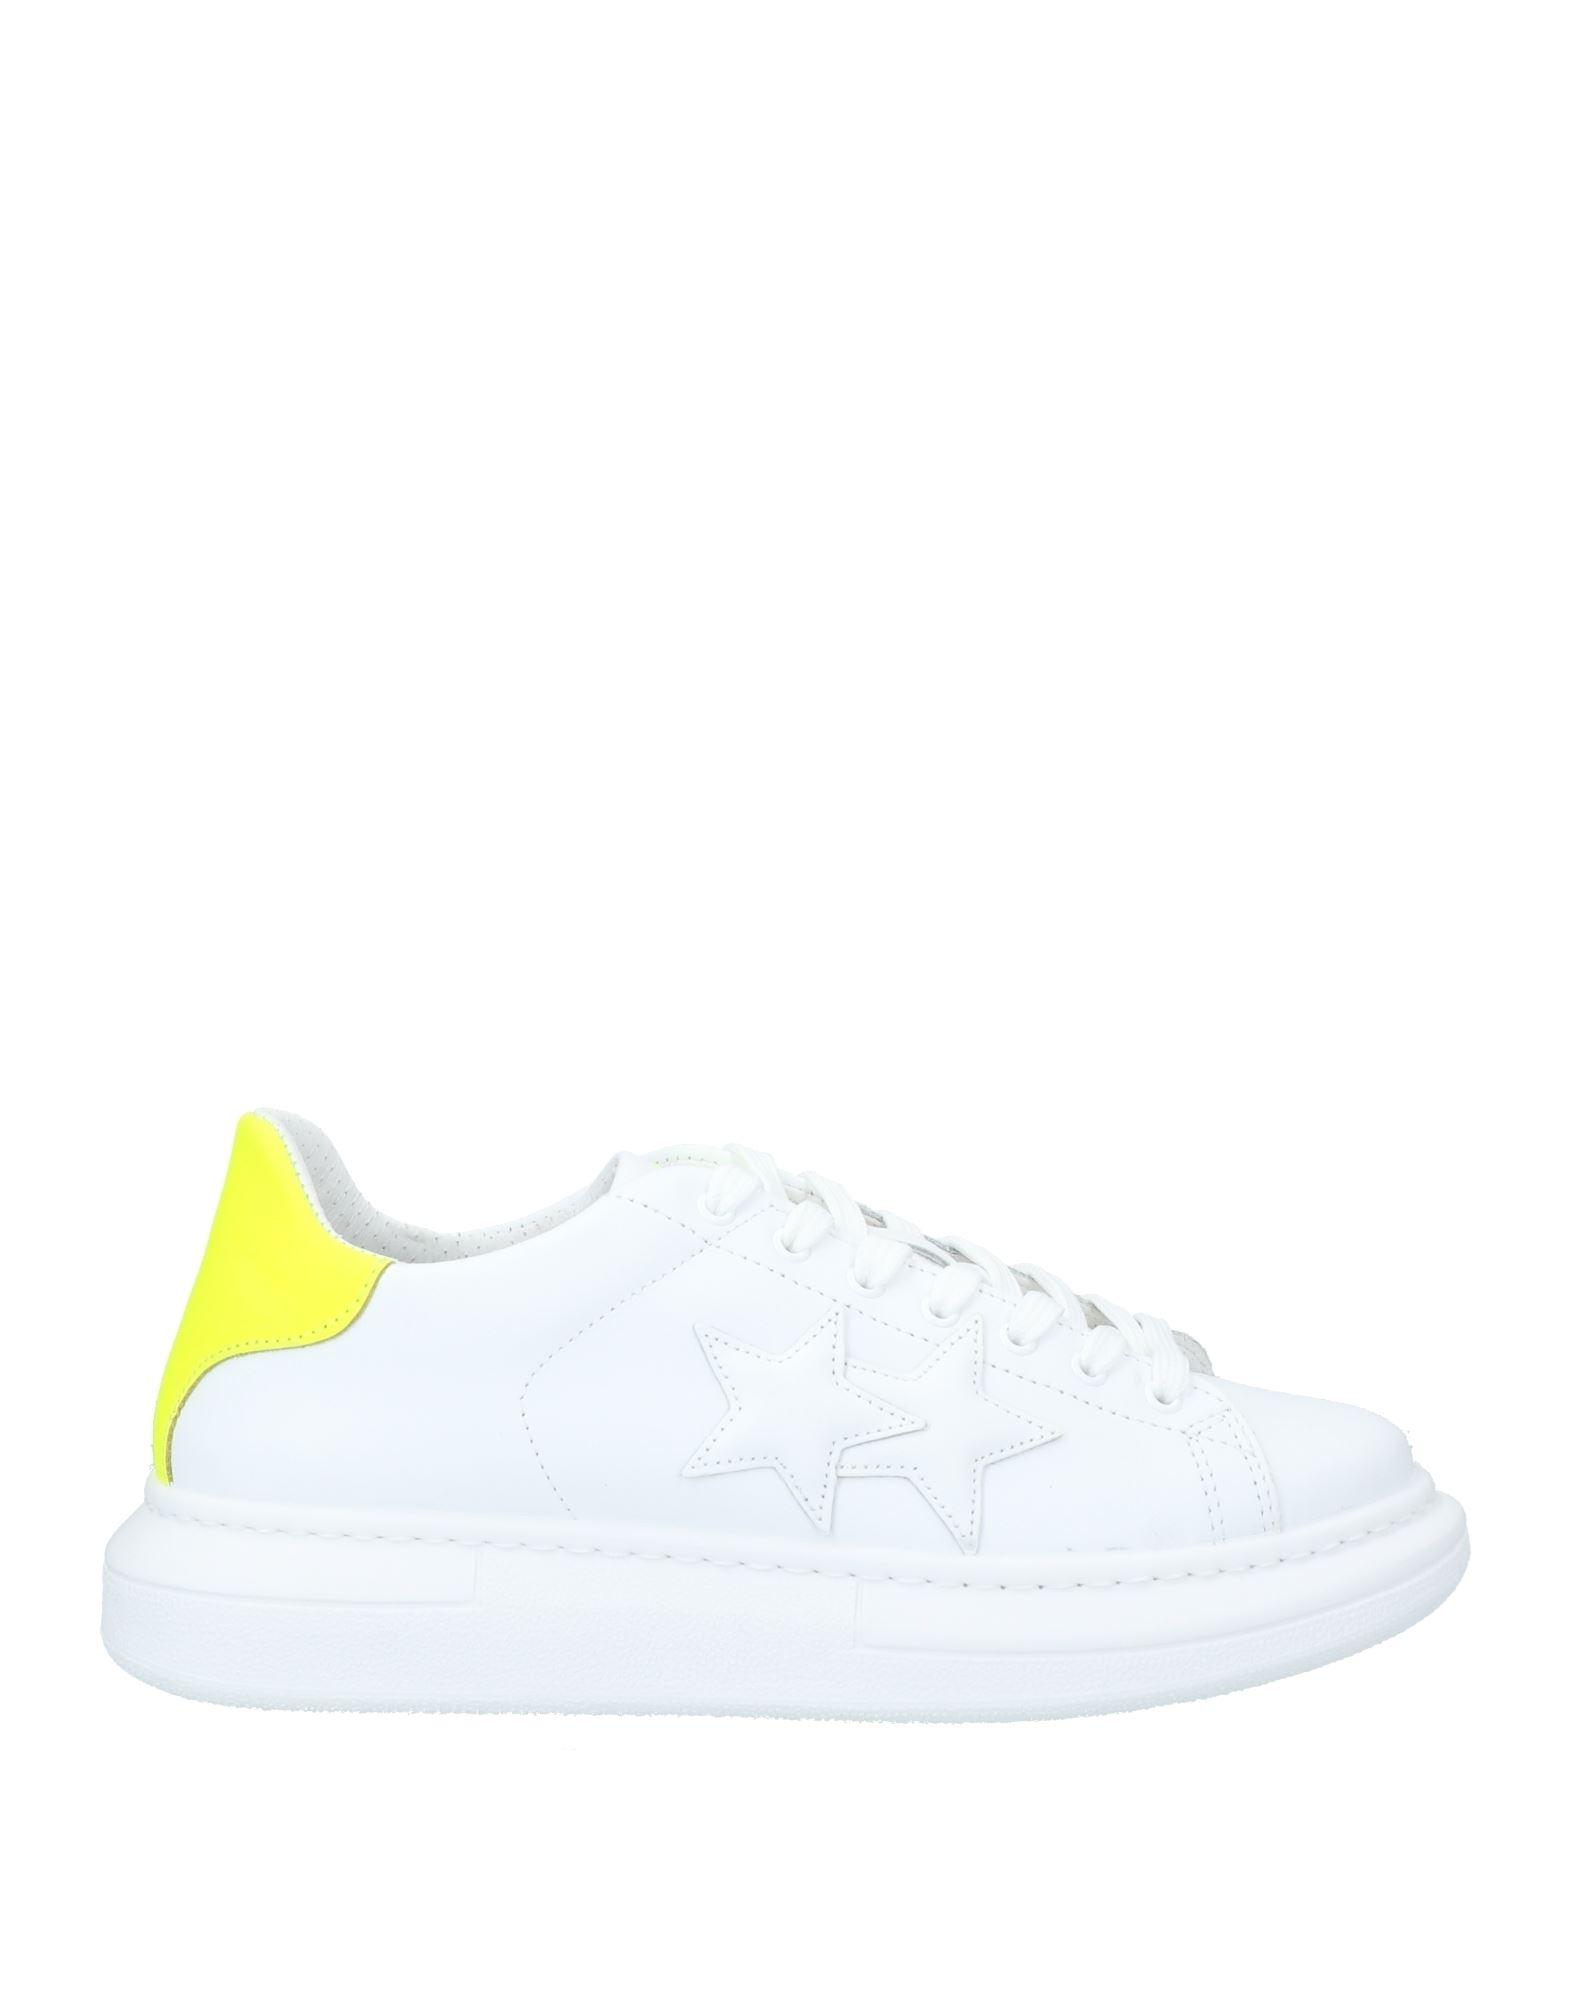 2STAR Low-tops & sneakers - Item 11992383